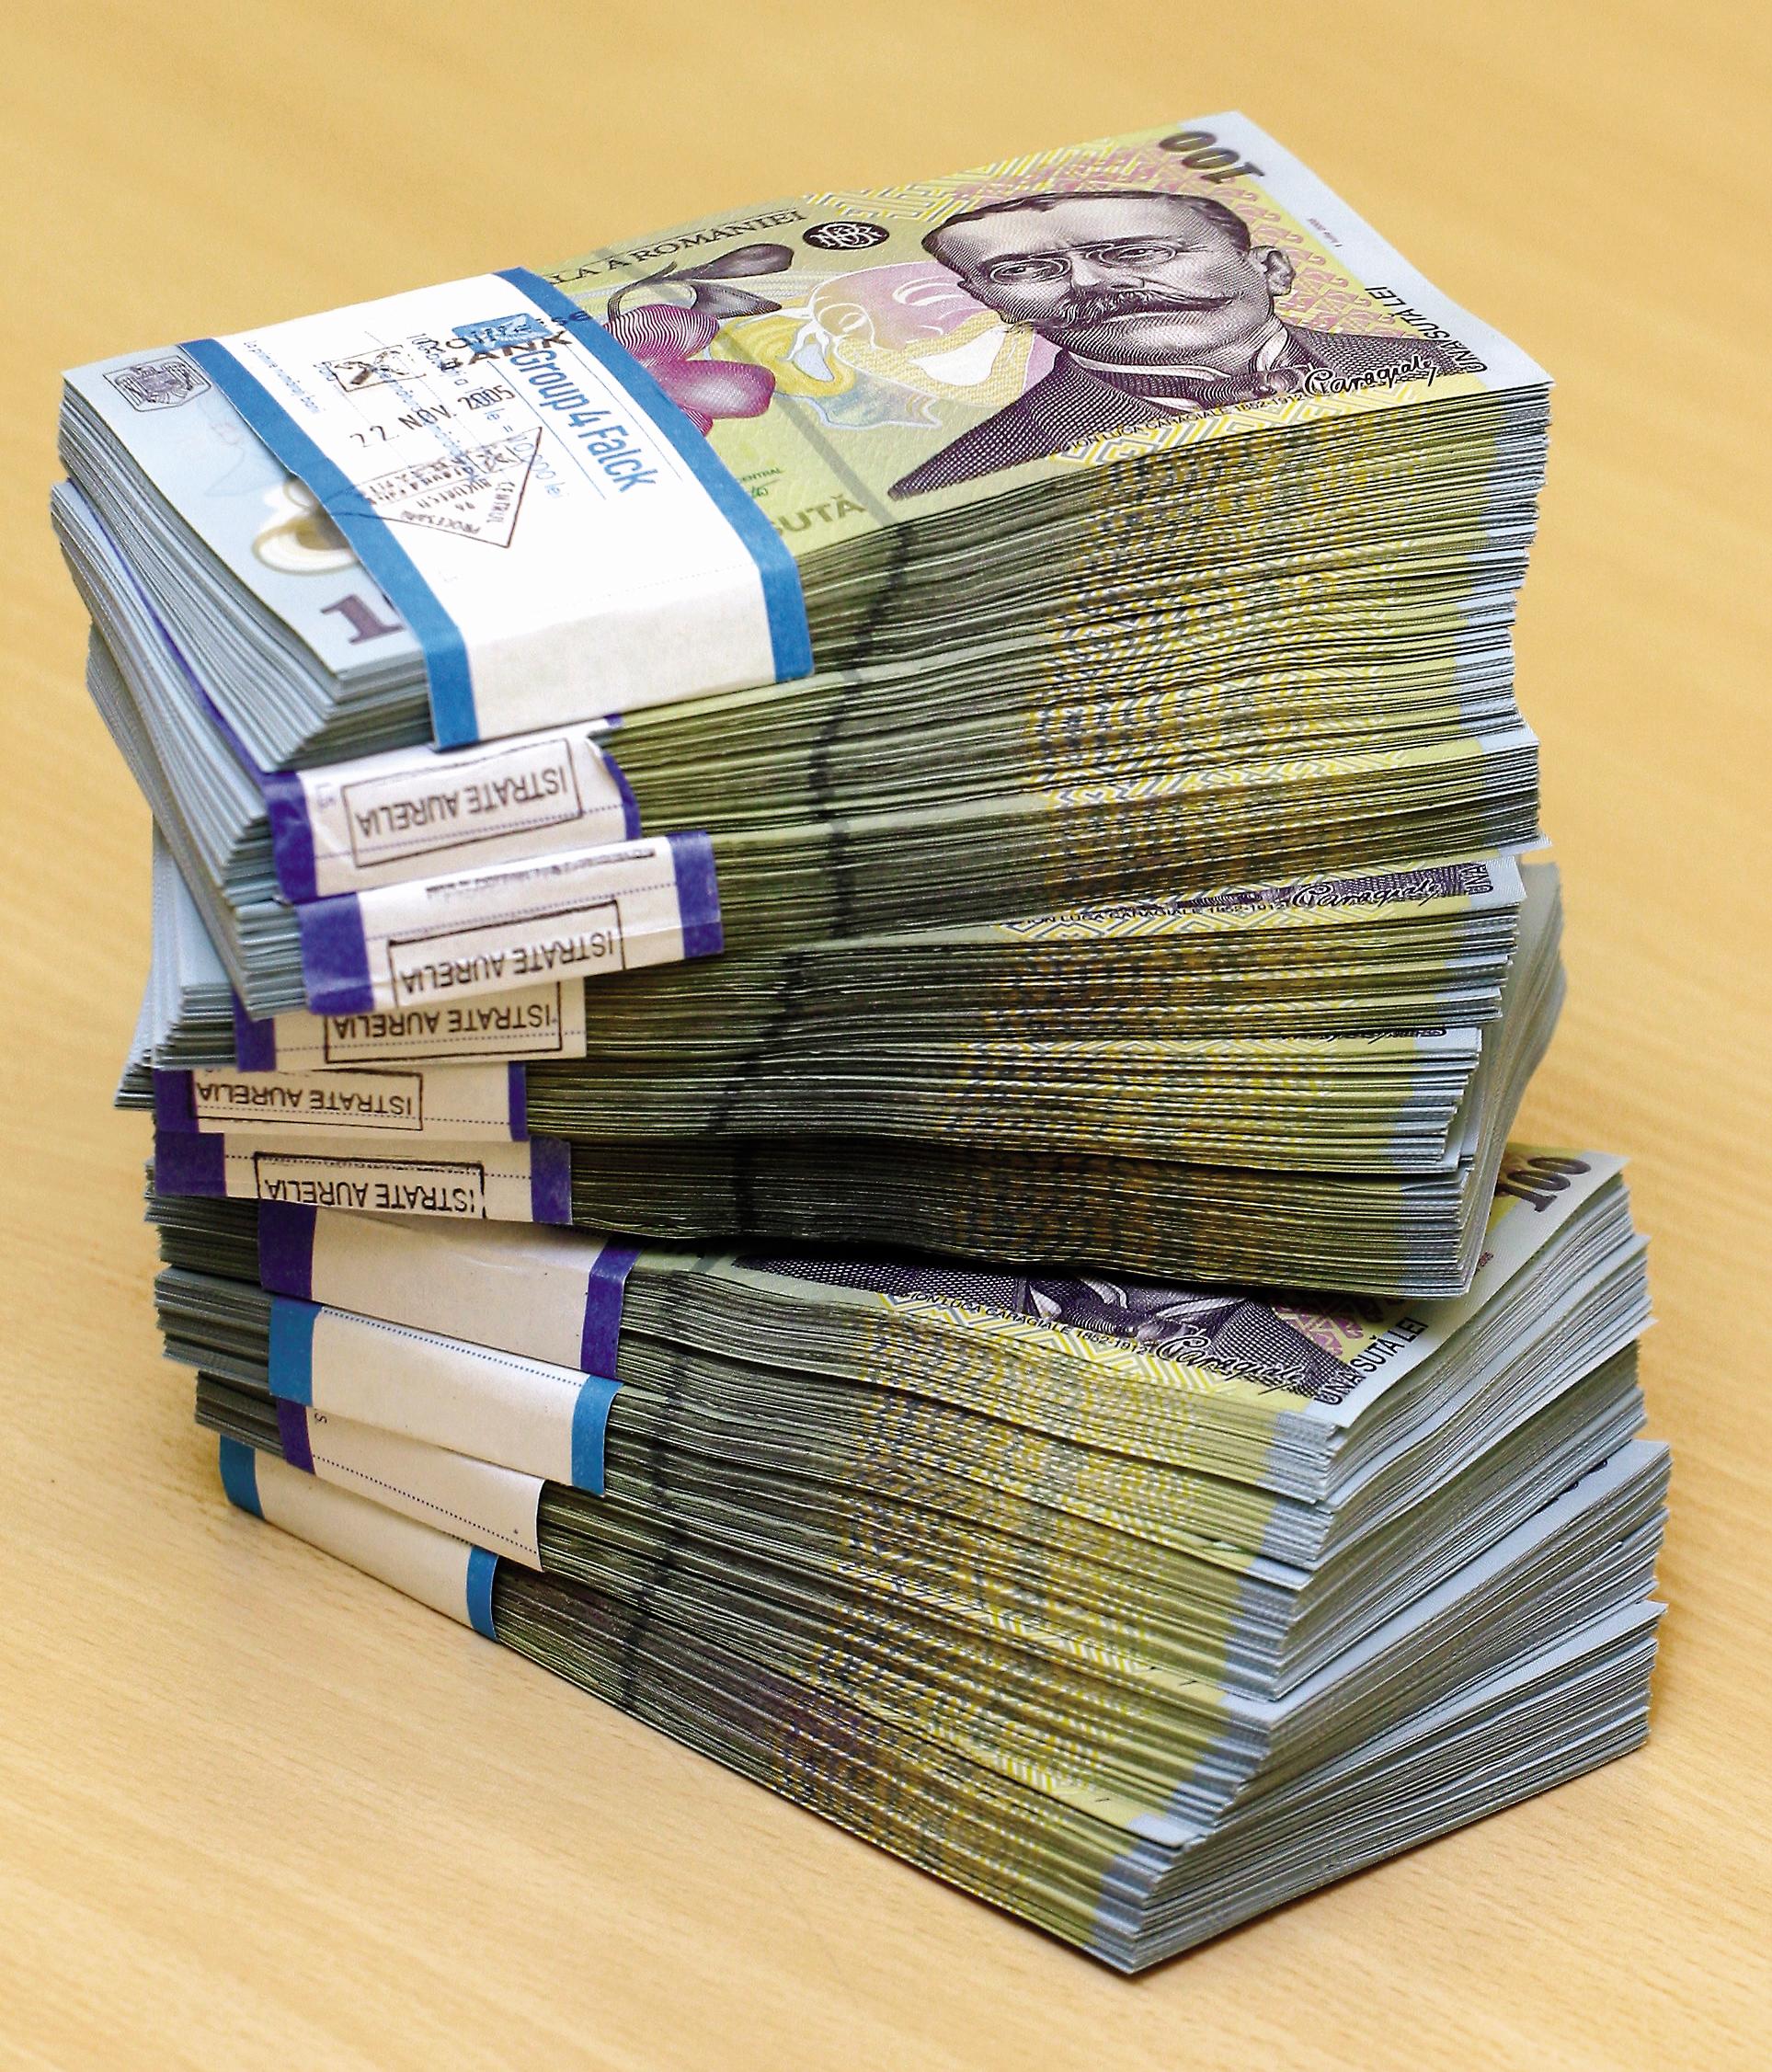 gestionarea banilor în tranzacționare cum poți câștiga bani folosind internetul